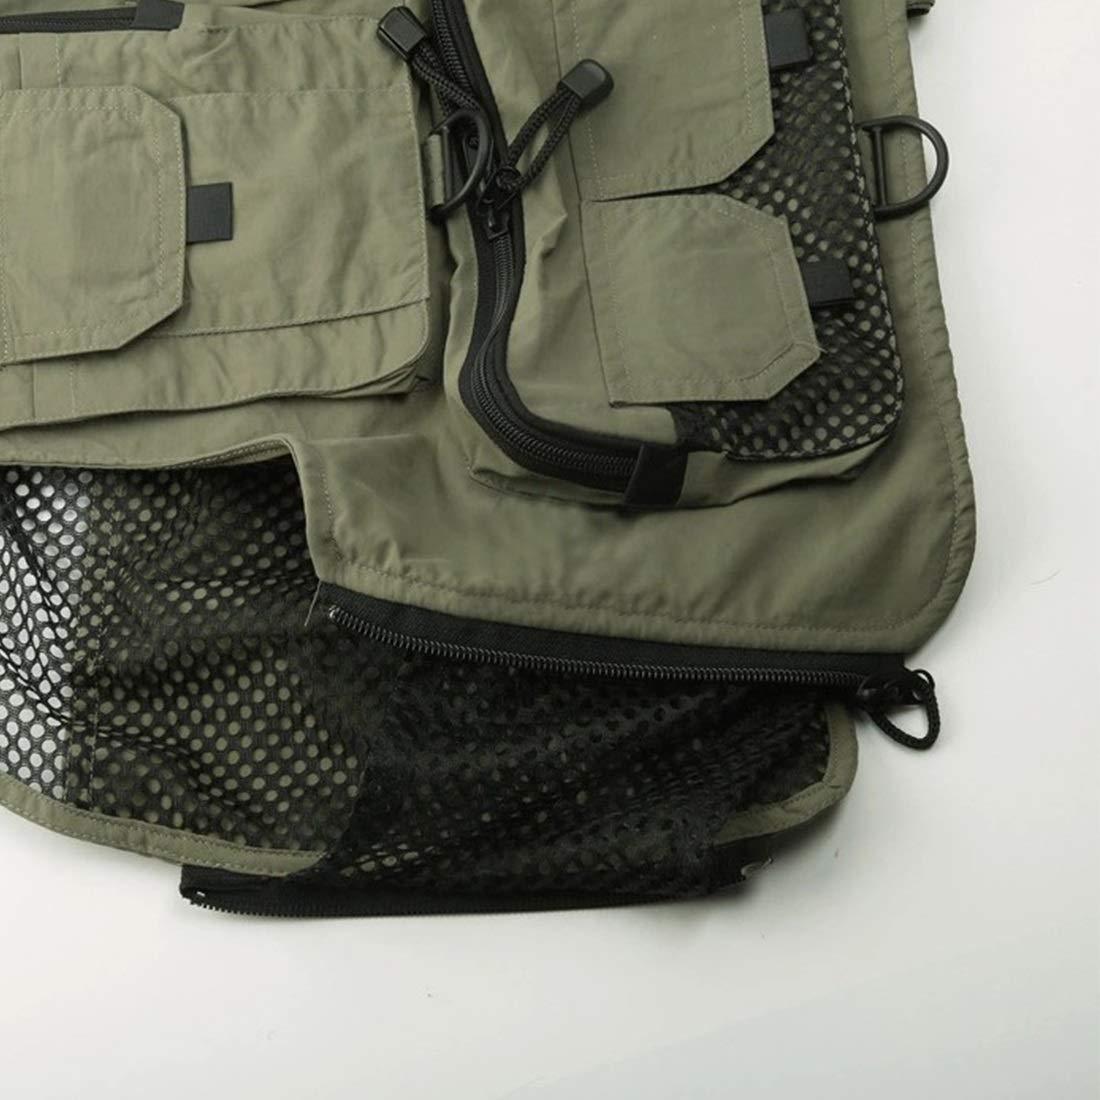 FENGXONG Gilet de p/êche Sac /à Dos Taille Ajustable Mouche Pack de Gilet de p/êche for Le mat/ériel et l/équipement Comprend Une Poche /à Eau et Une Poche for t/él/éphone